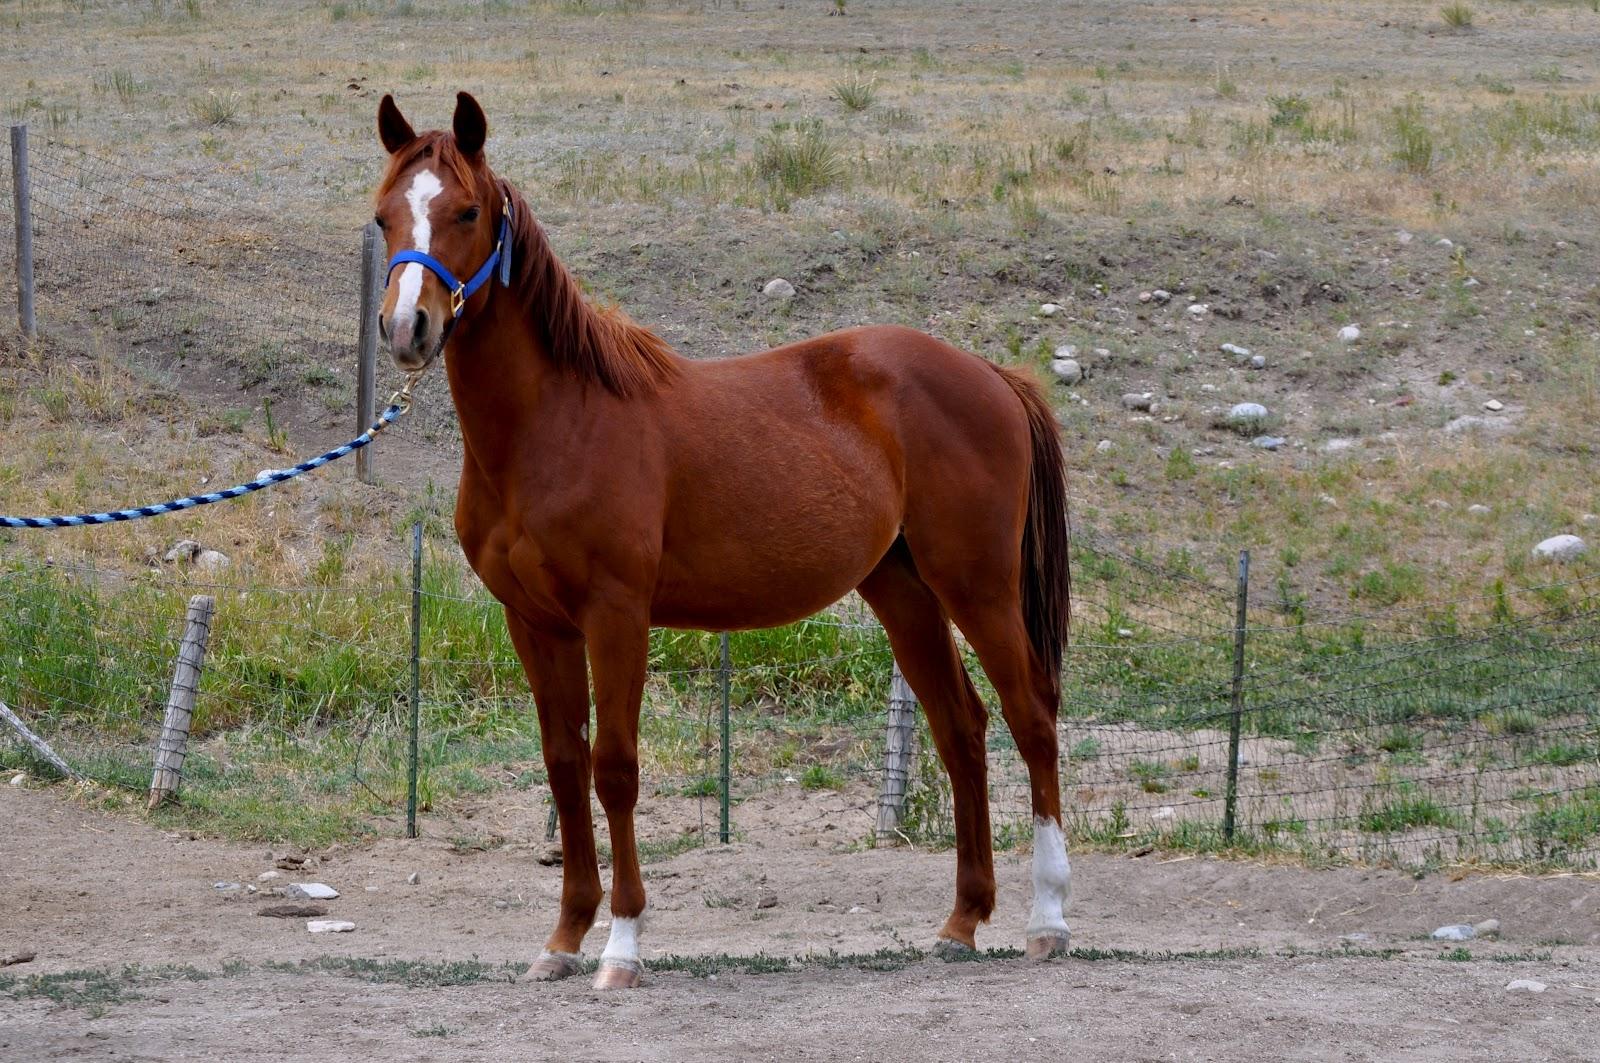 Roan River Ranch Quarter Horses: 2011 colts - photo#25